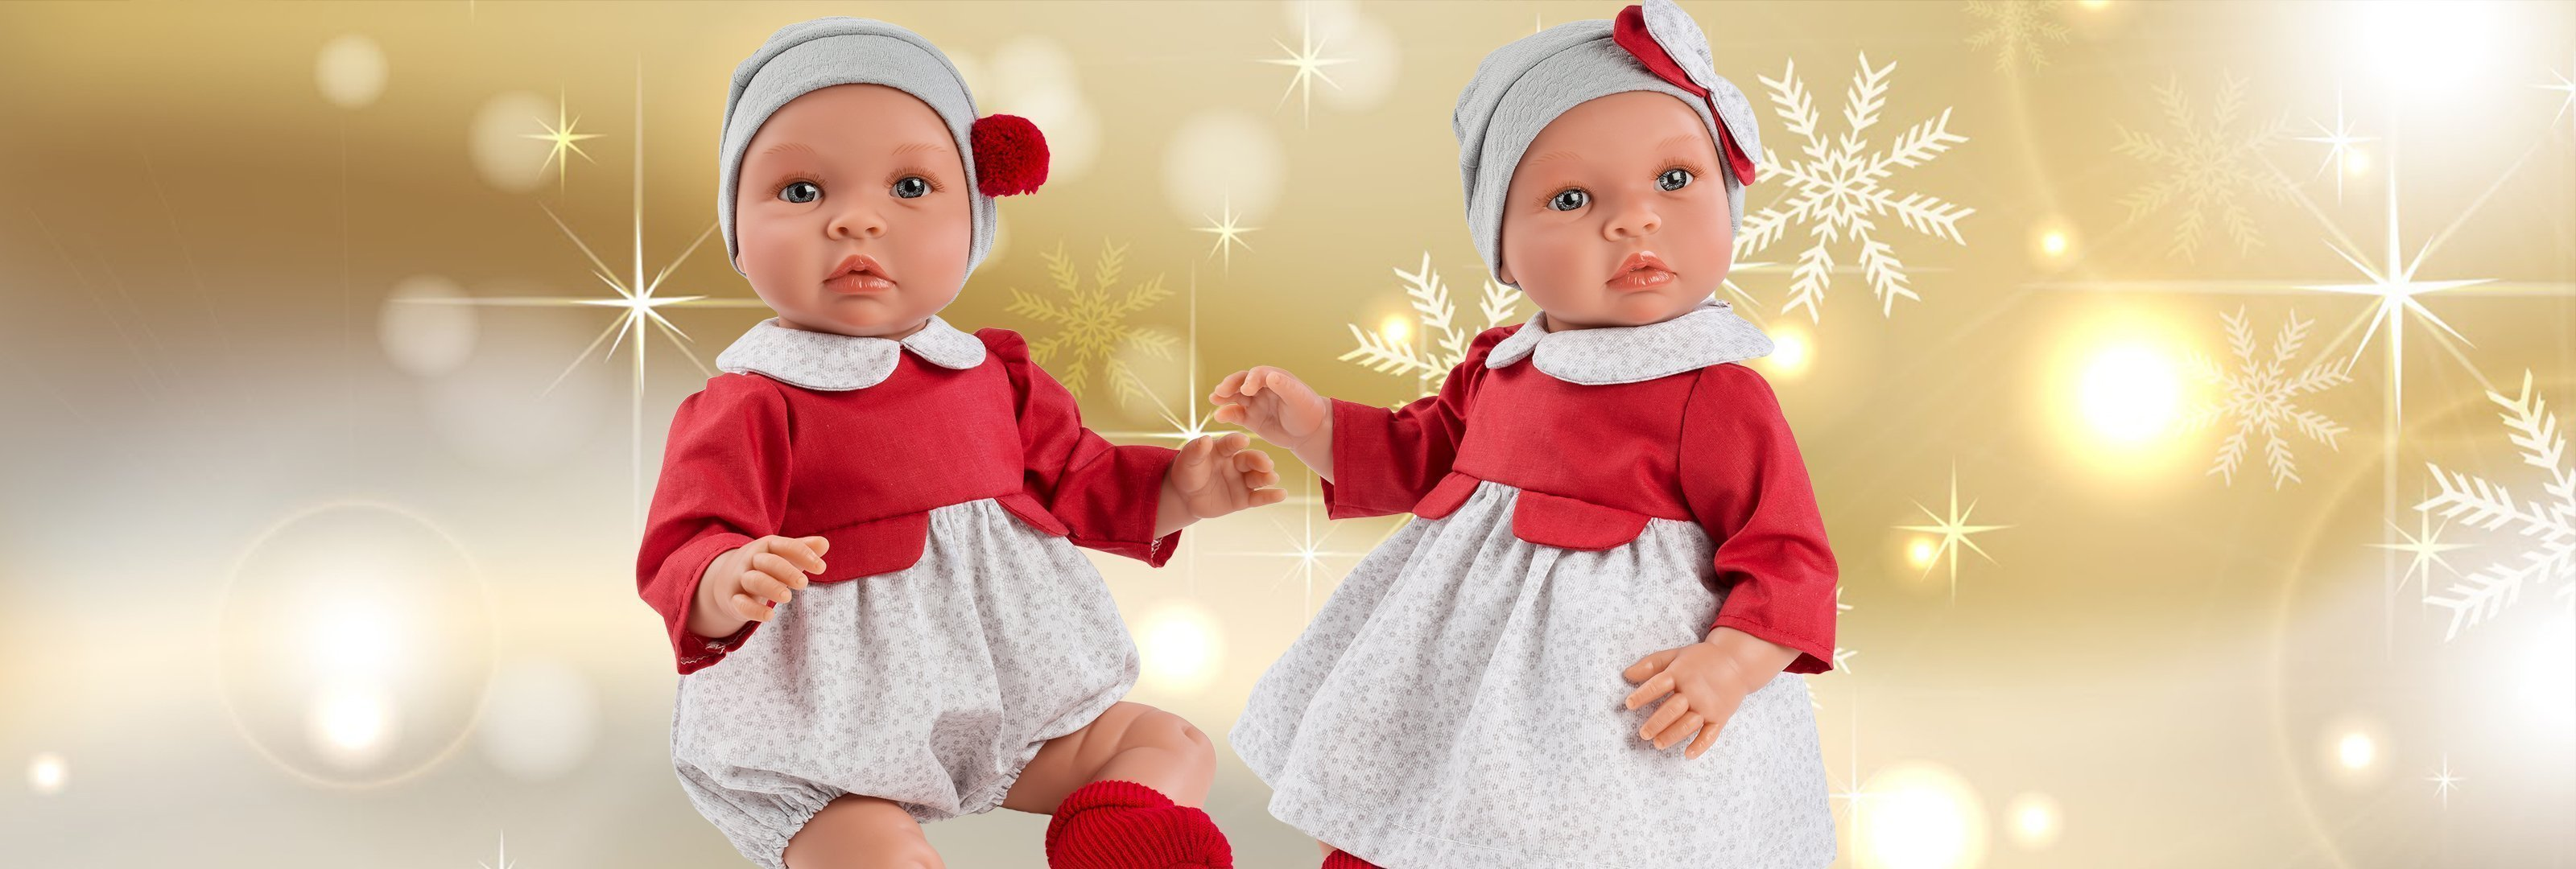 Muñecas Así: Un clásico de Navidad